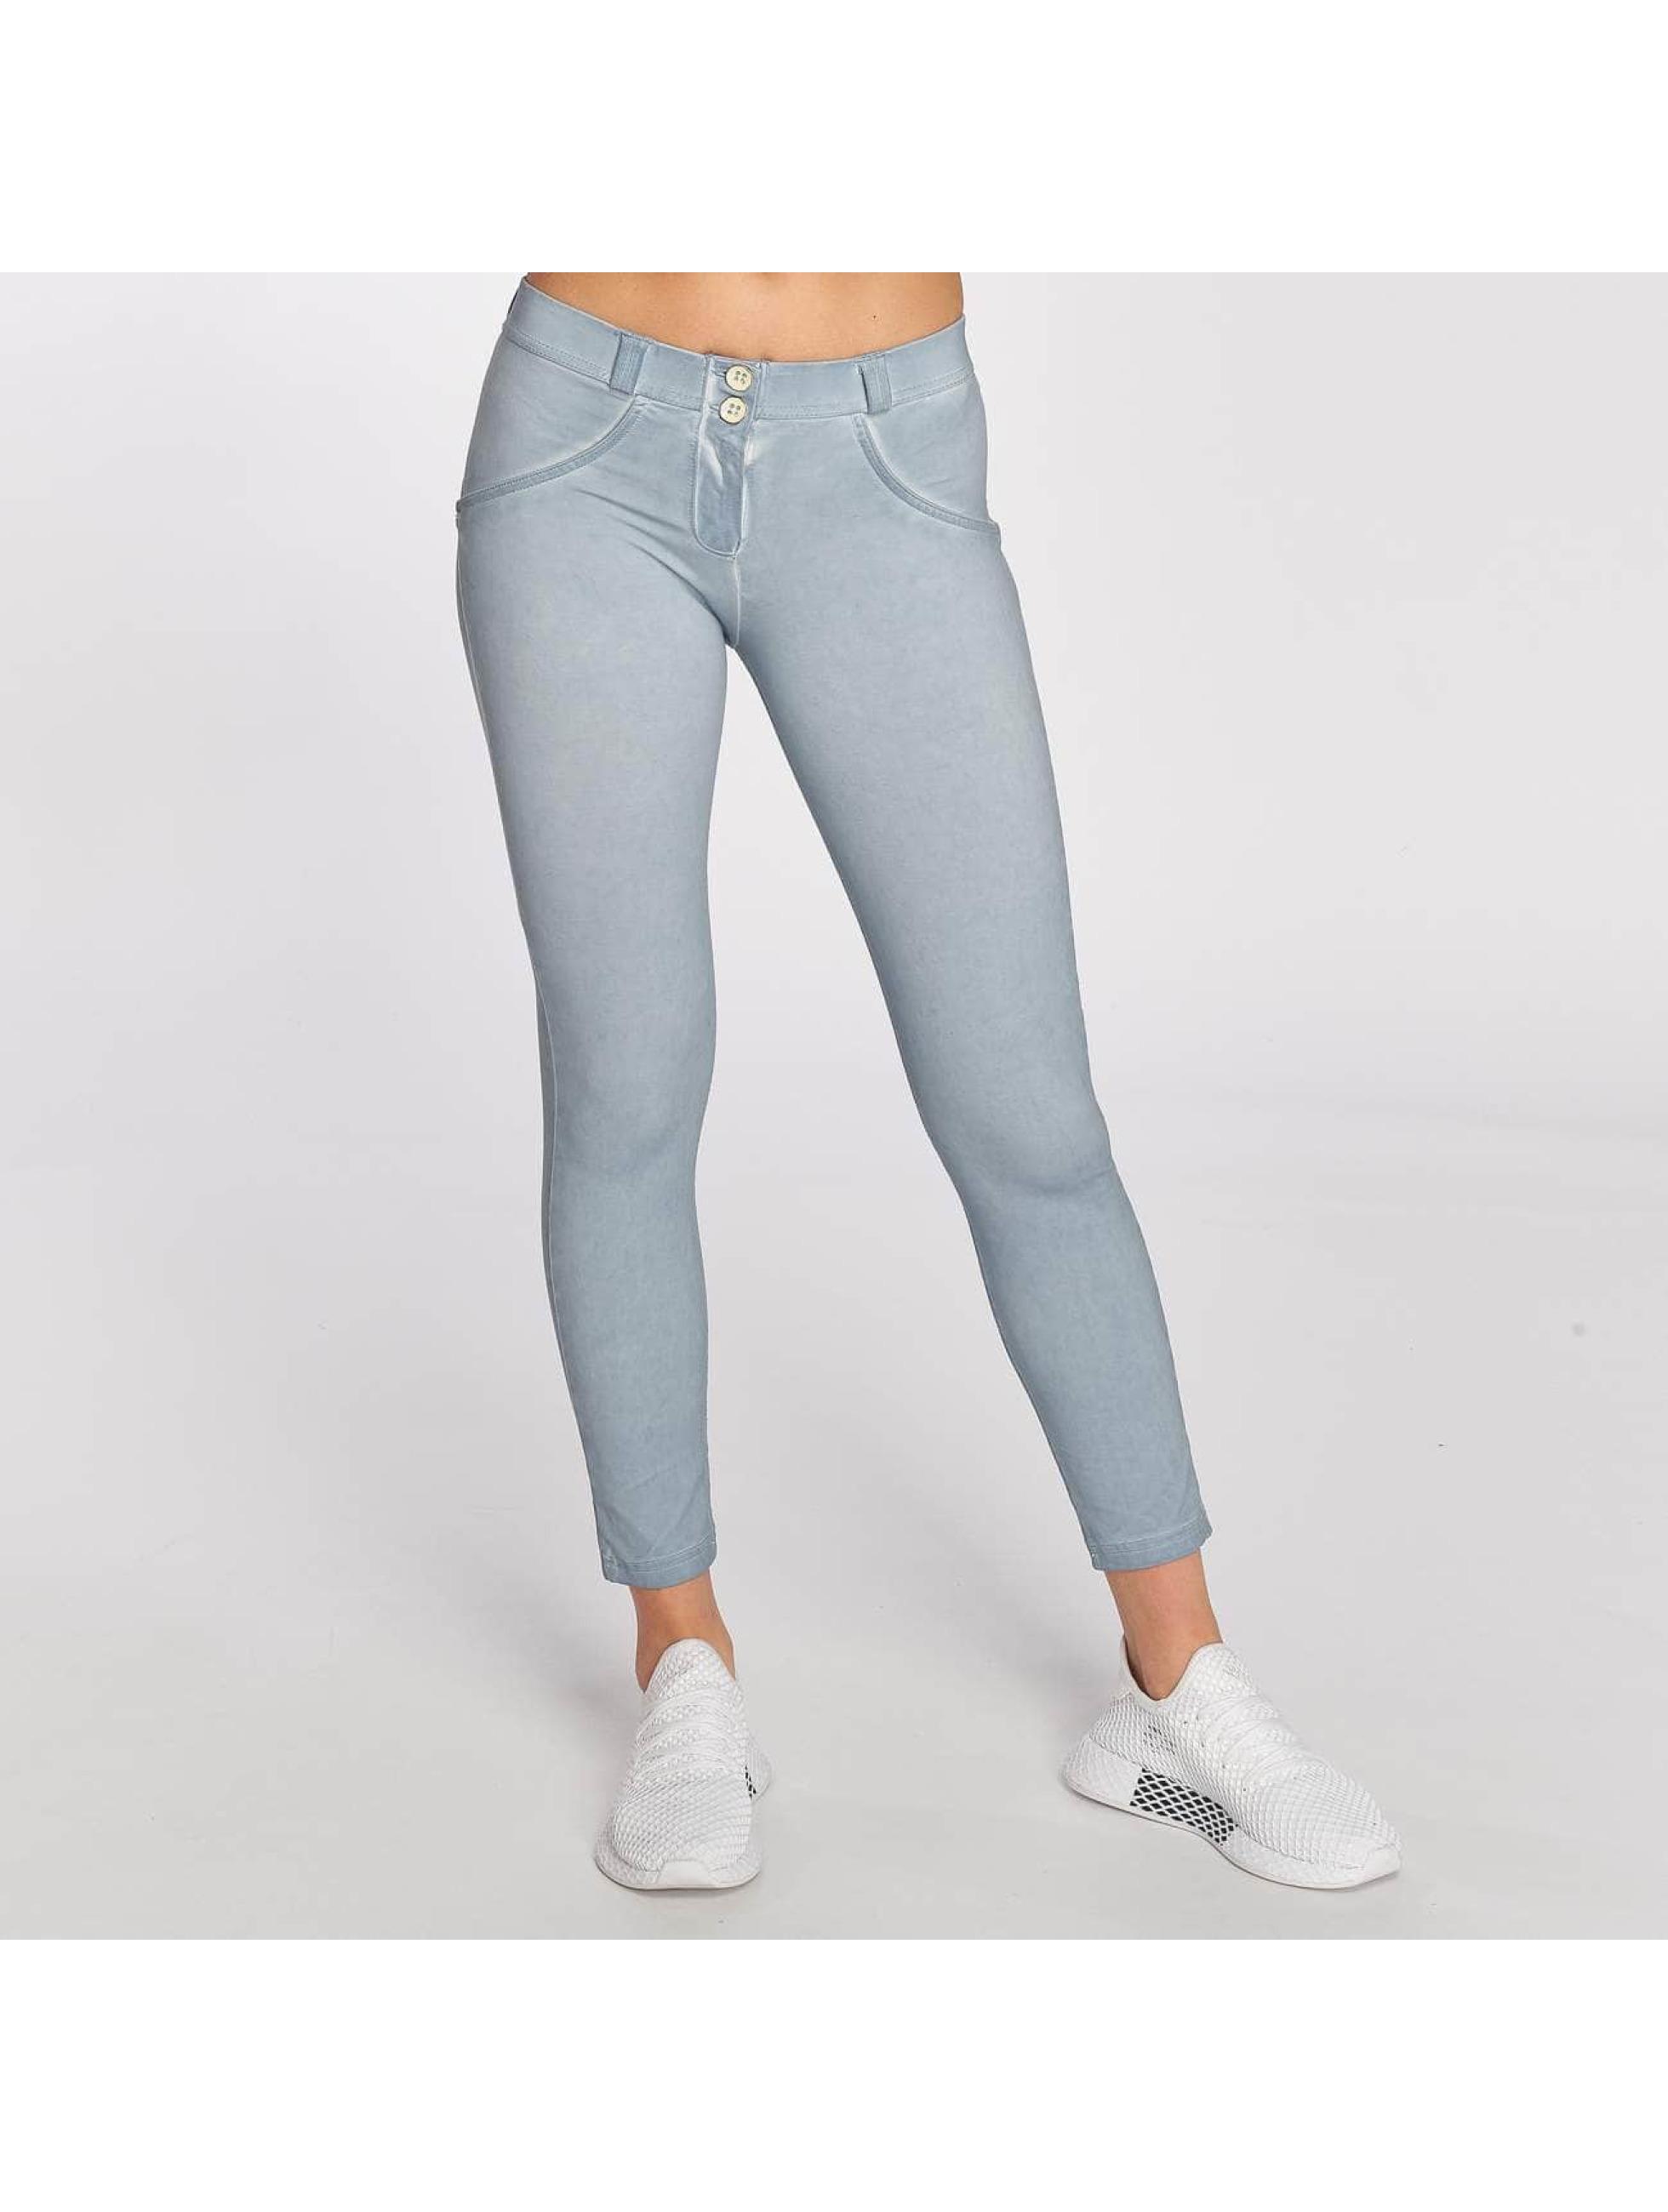 Freddy Skinny Jeans Pantalone 7/8 niebieski